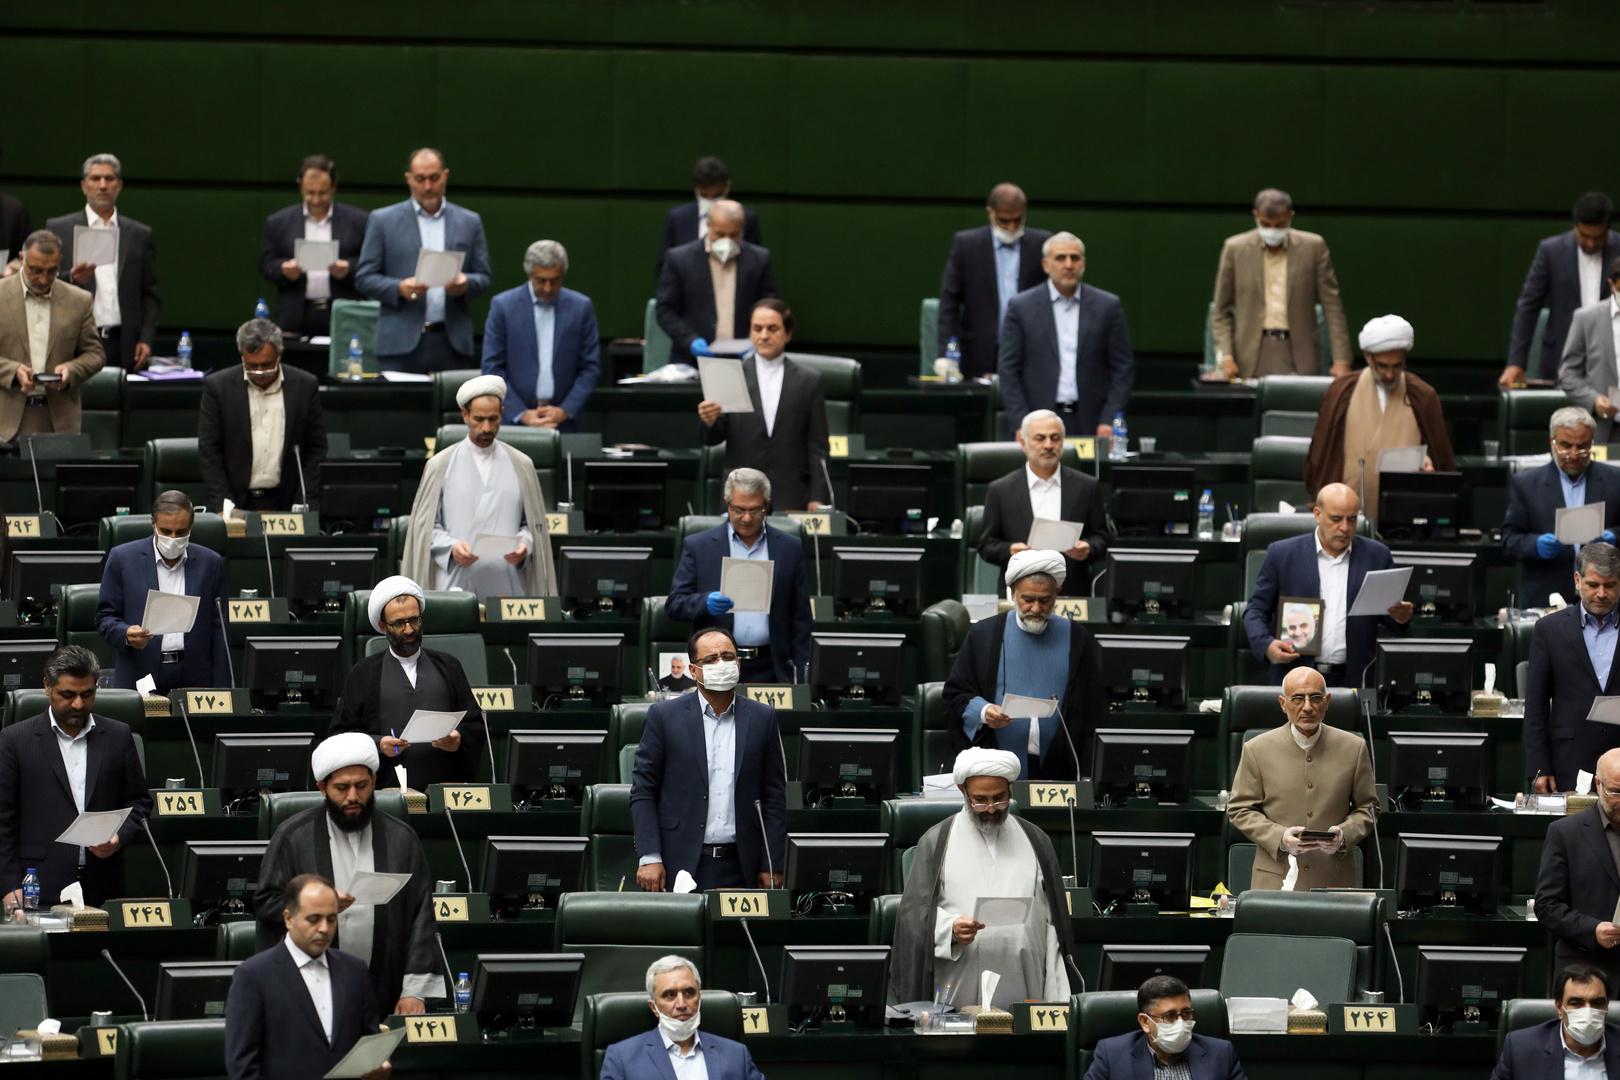 تضامنا مع الشعب الأمريكي.. البرلمان الإيراني يهتف بـ